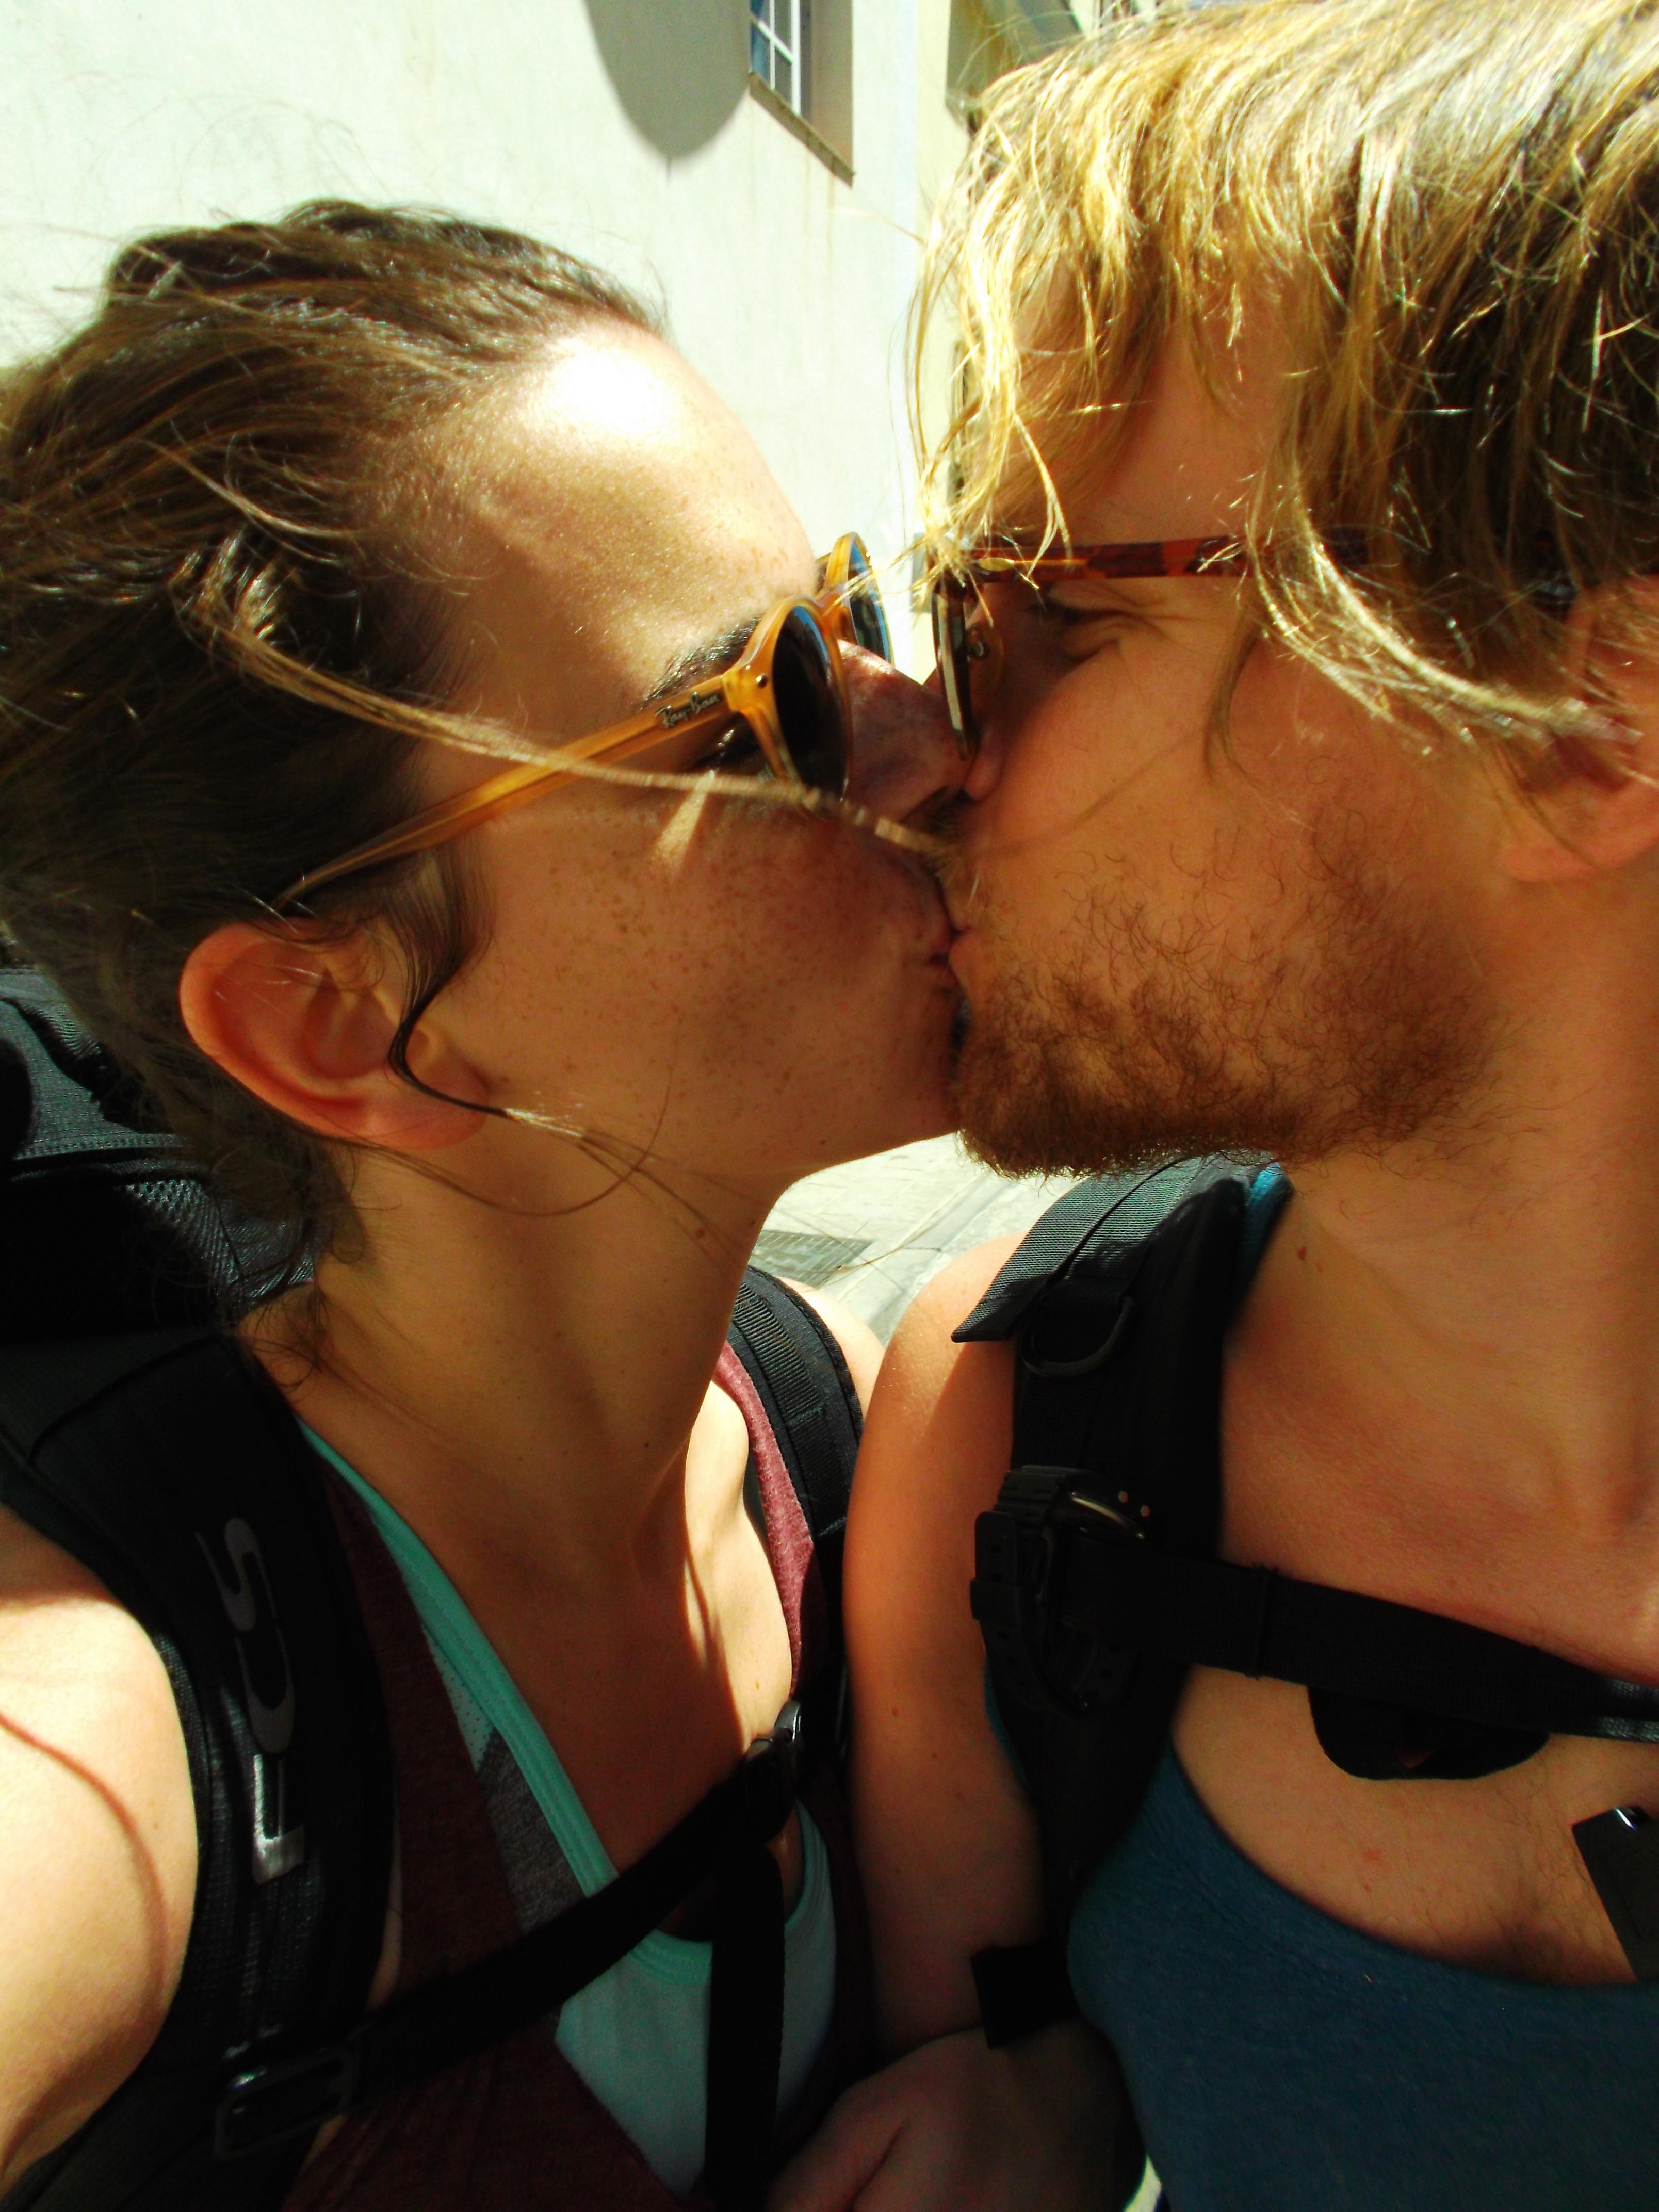 la gomera kiss